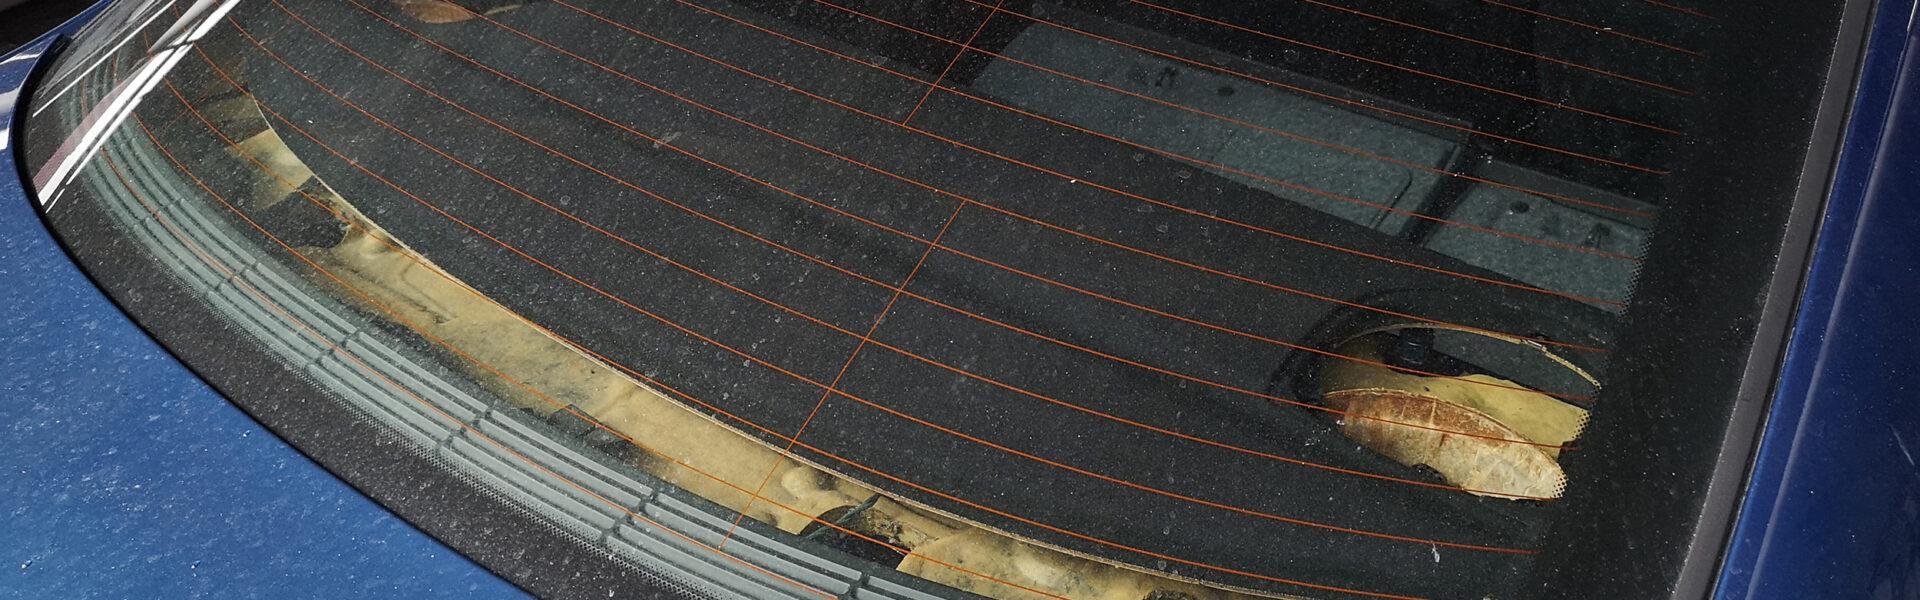 proces regeneracji tylnej półki w samochodzie sprayem tekstylnym